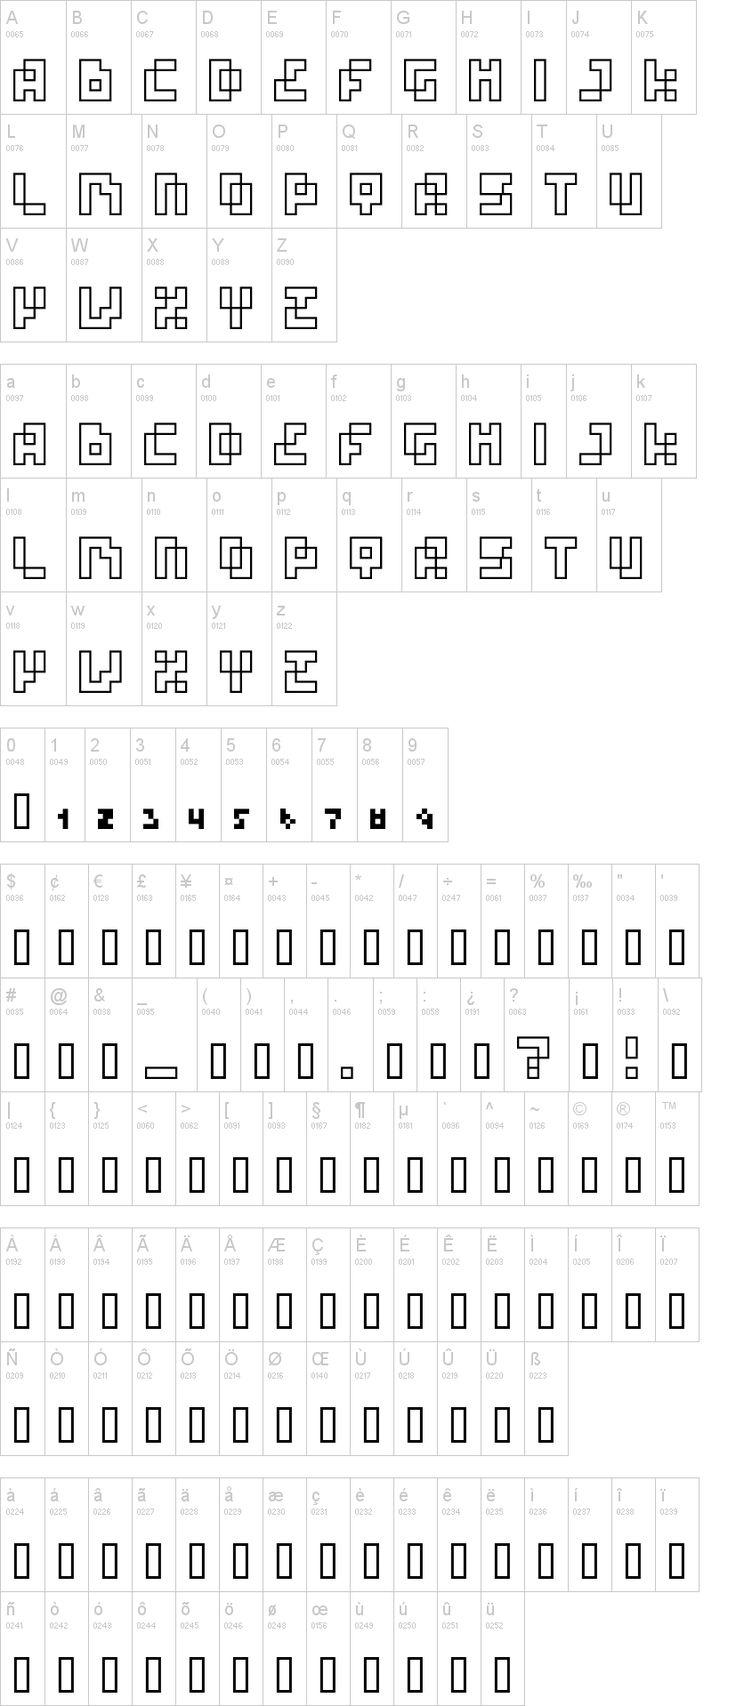 Four Pixel Caps Font   dafont.com